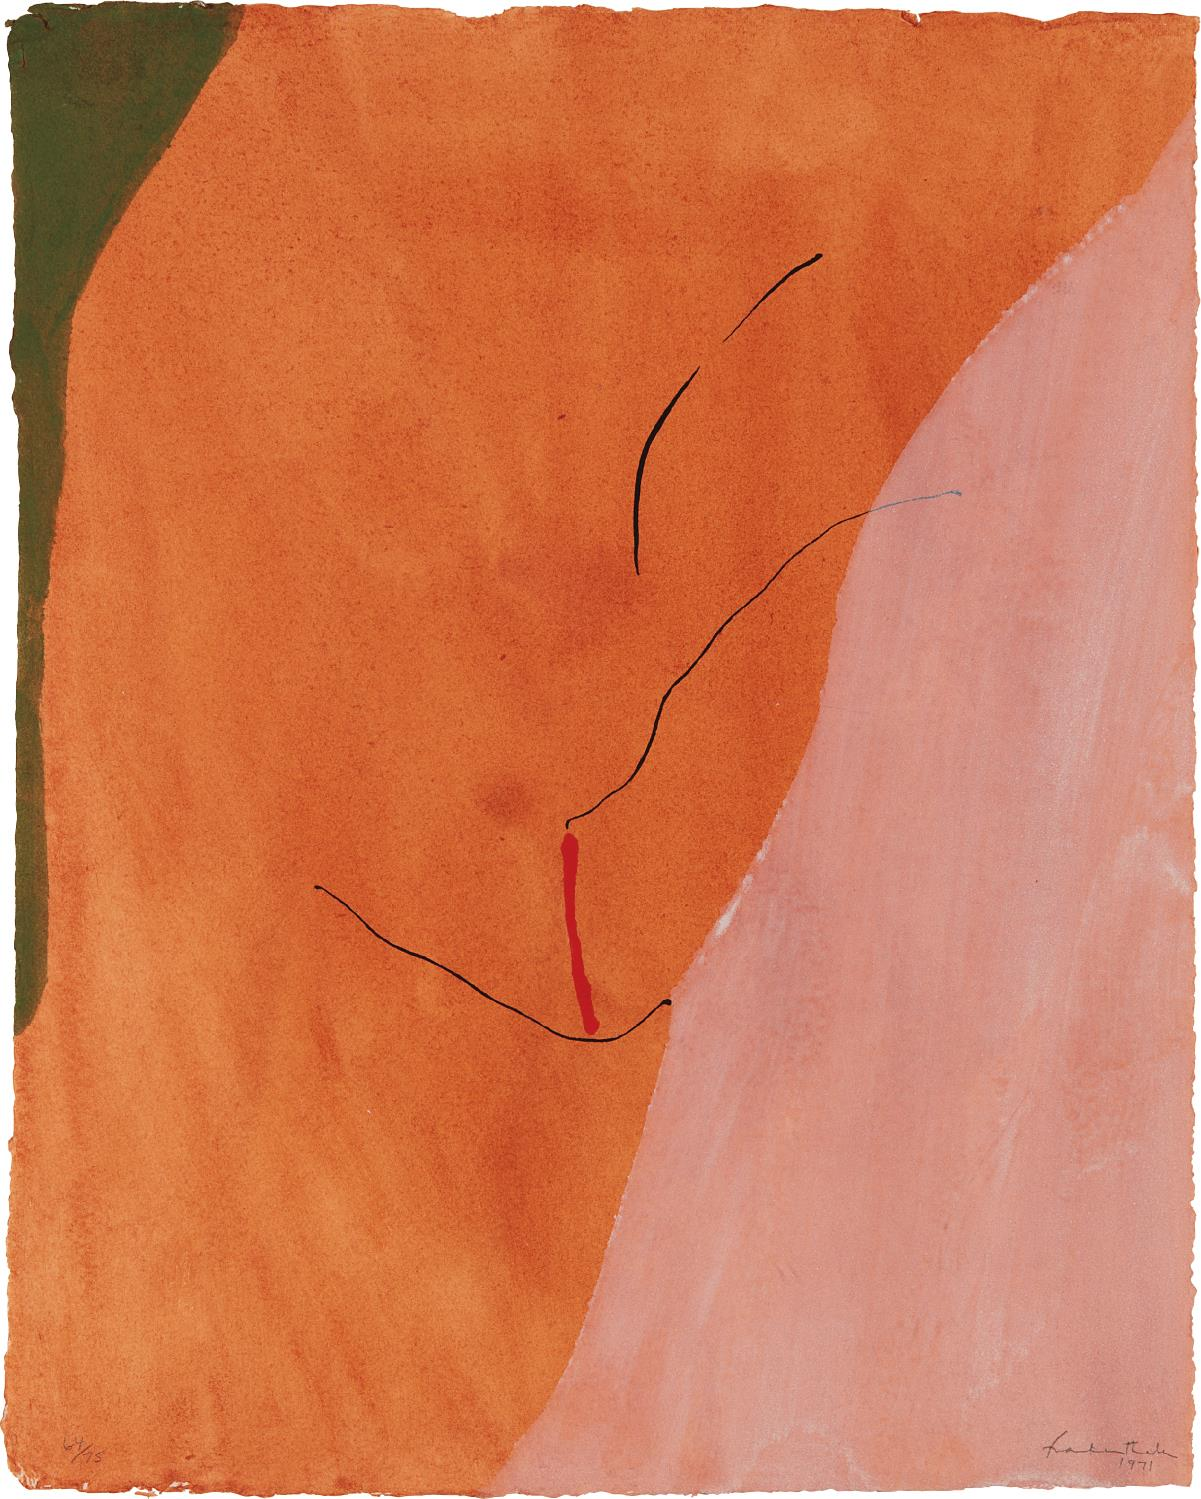 Helen Frankenthaler-Sanguine Mood-1971